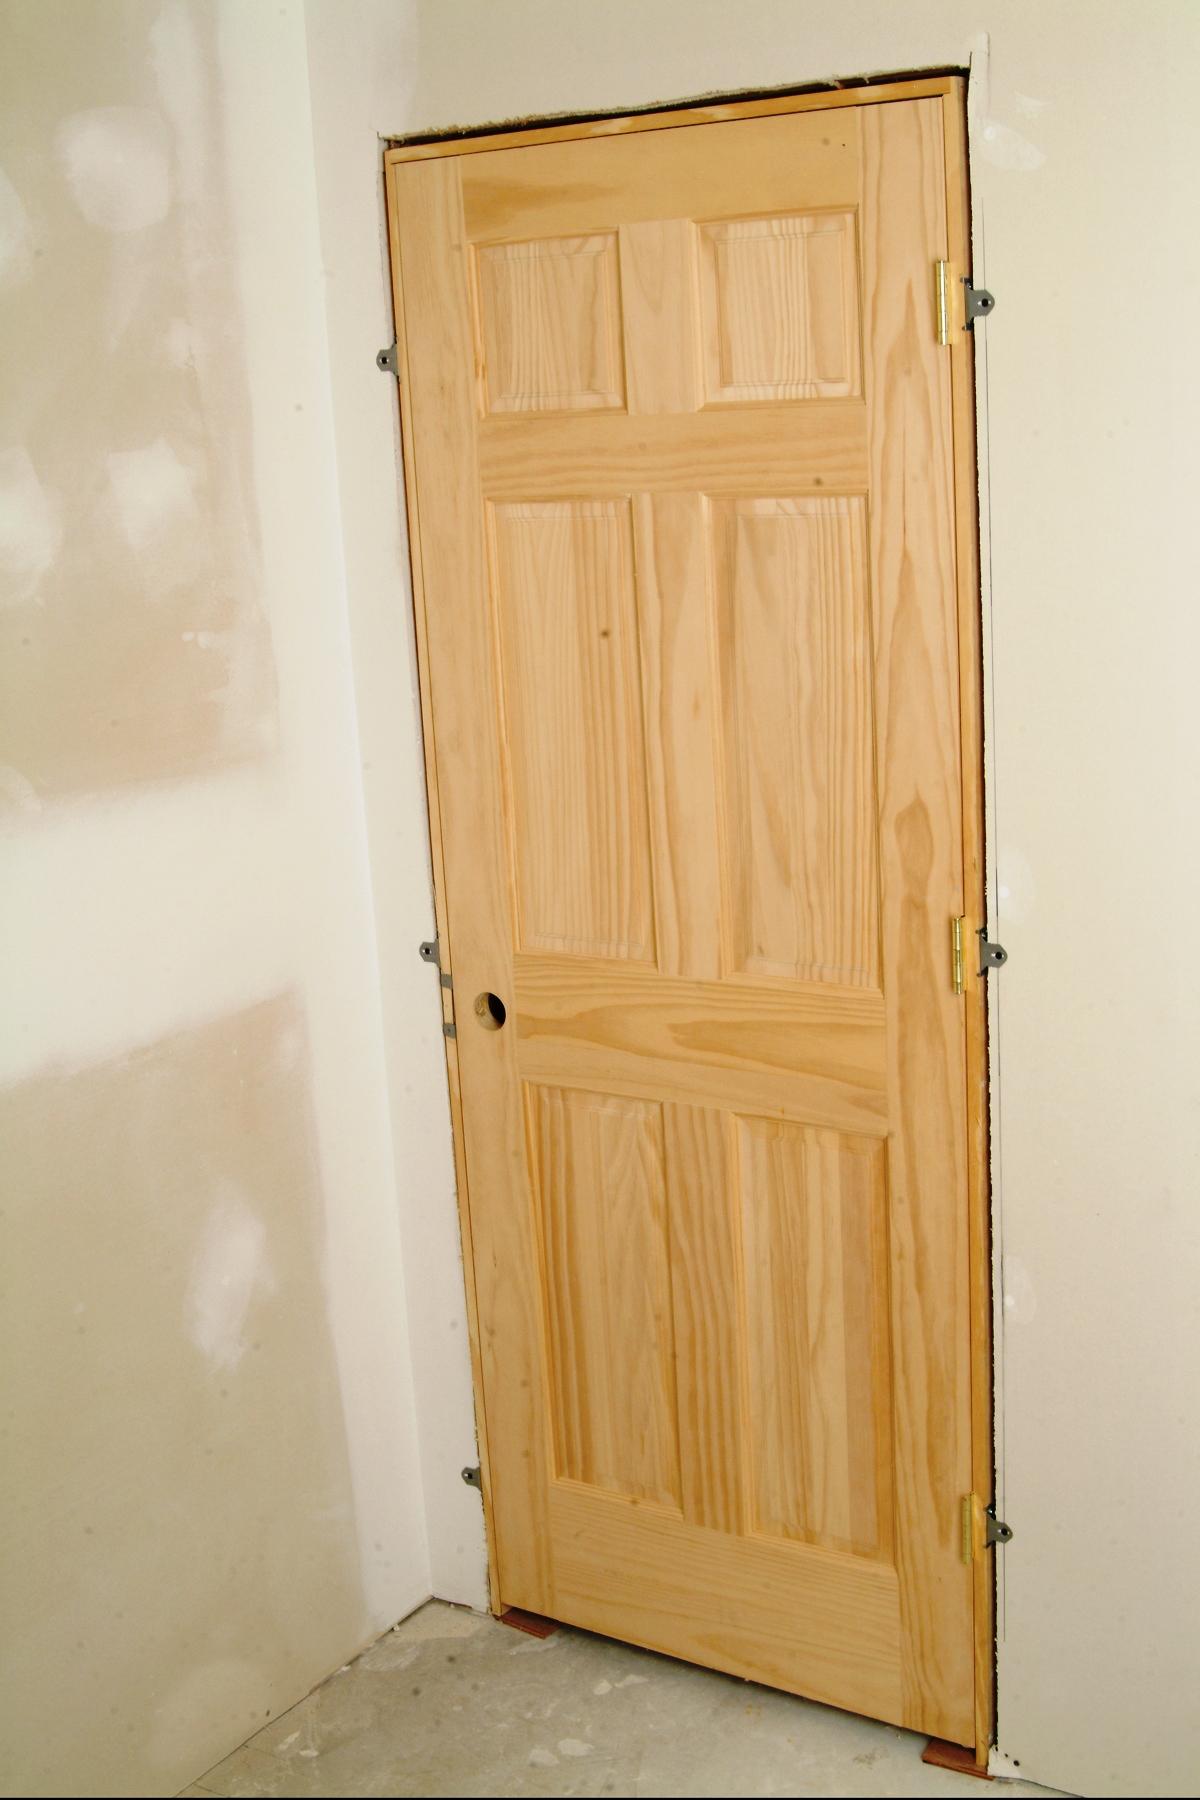 Installing Interior Door - 3 Easy Steps